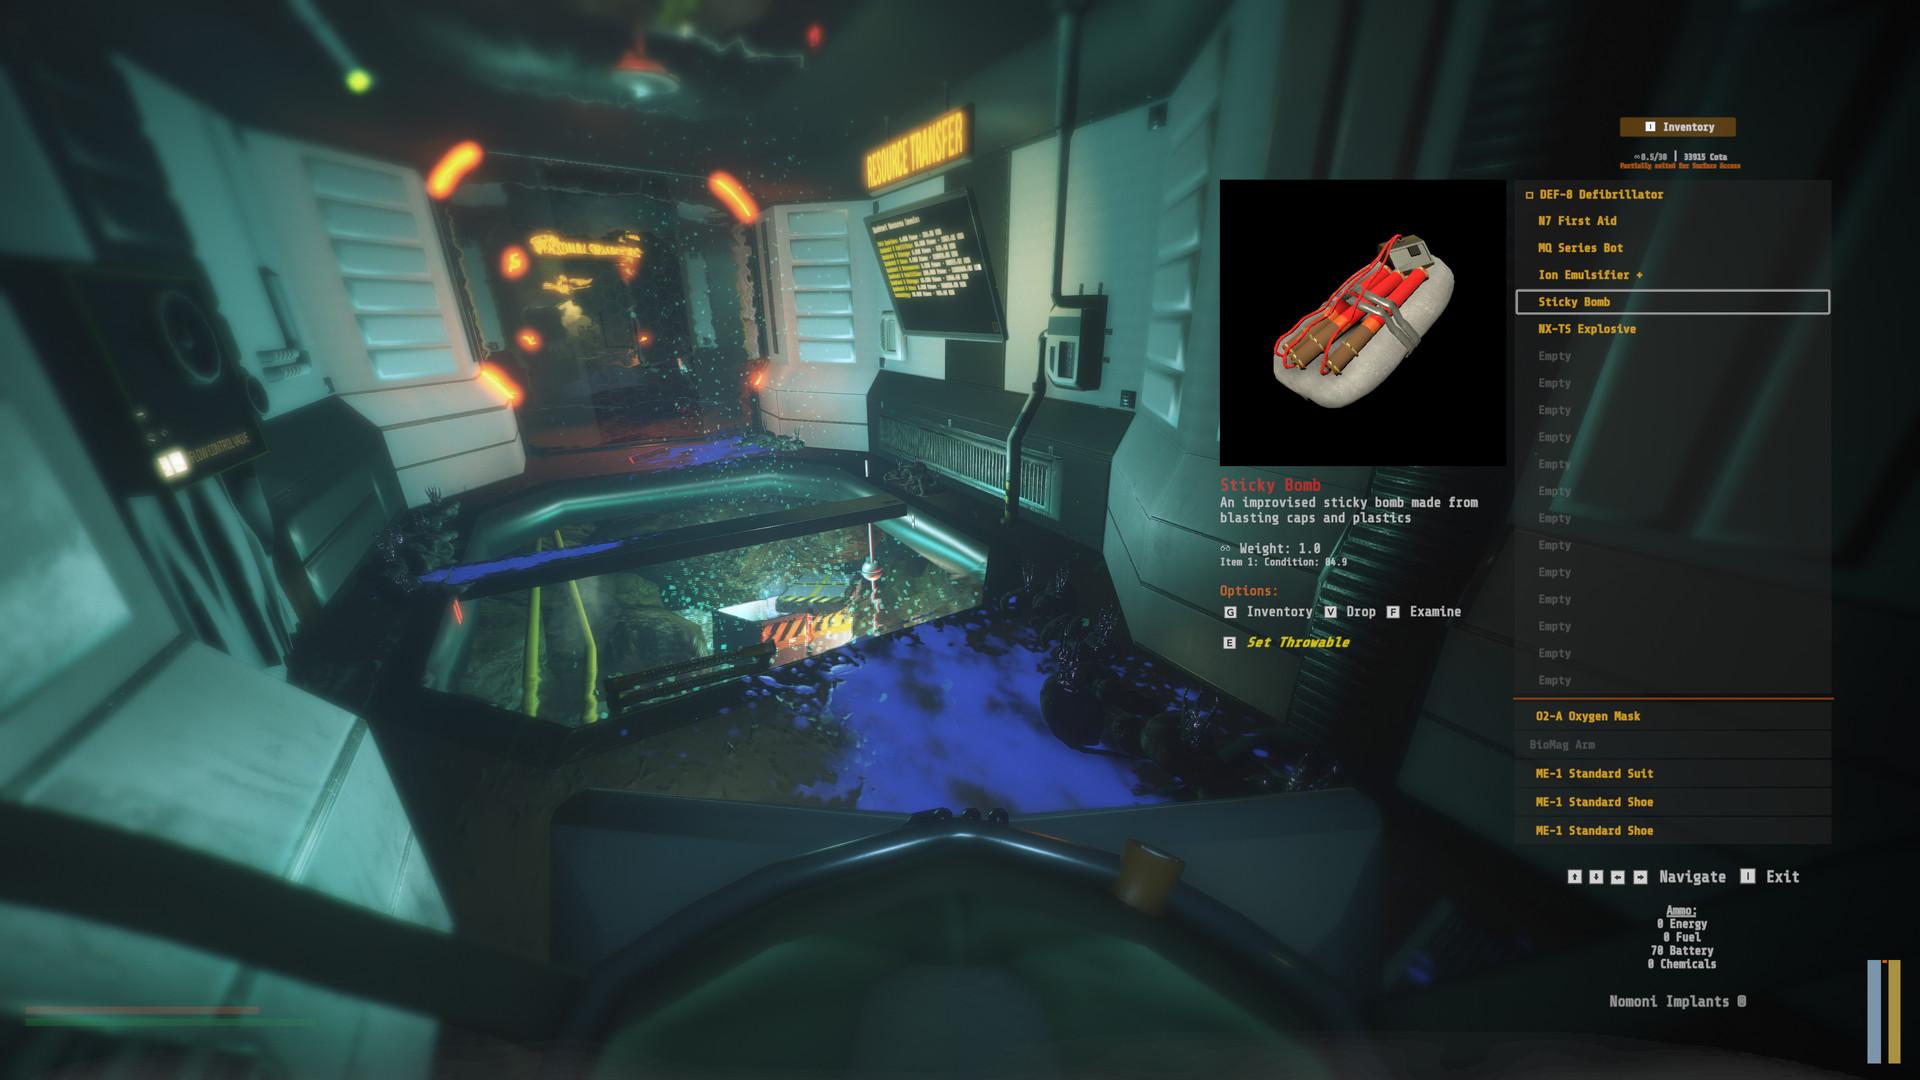 HEVN Screenshot 1